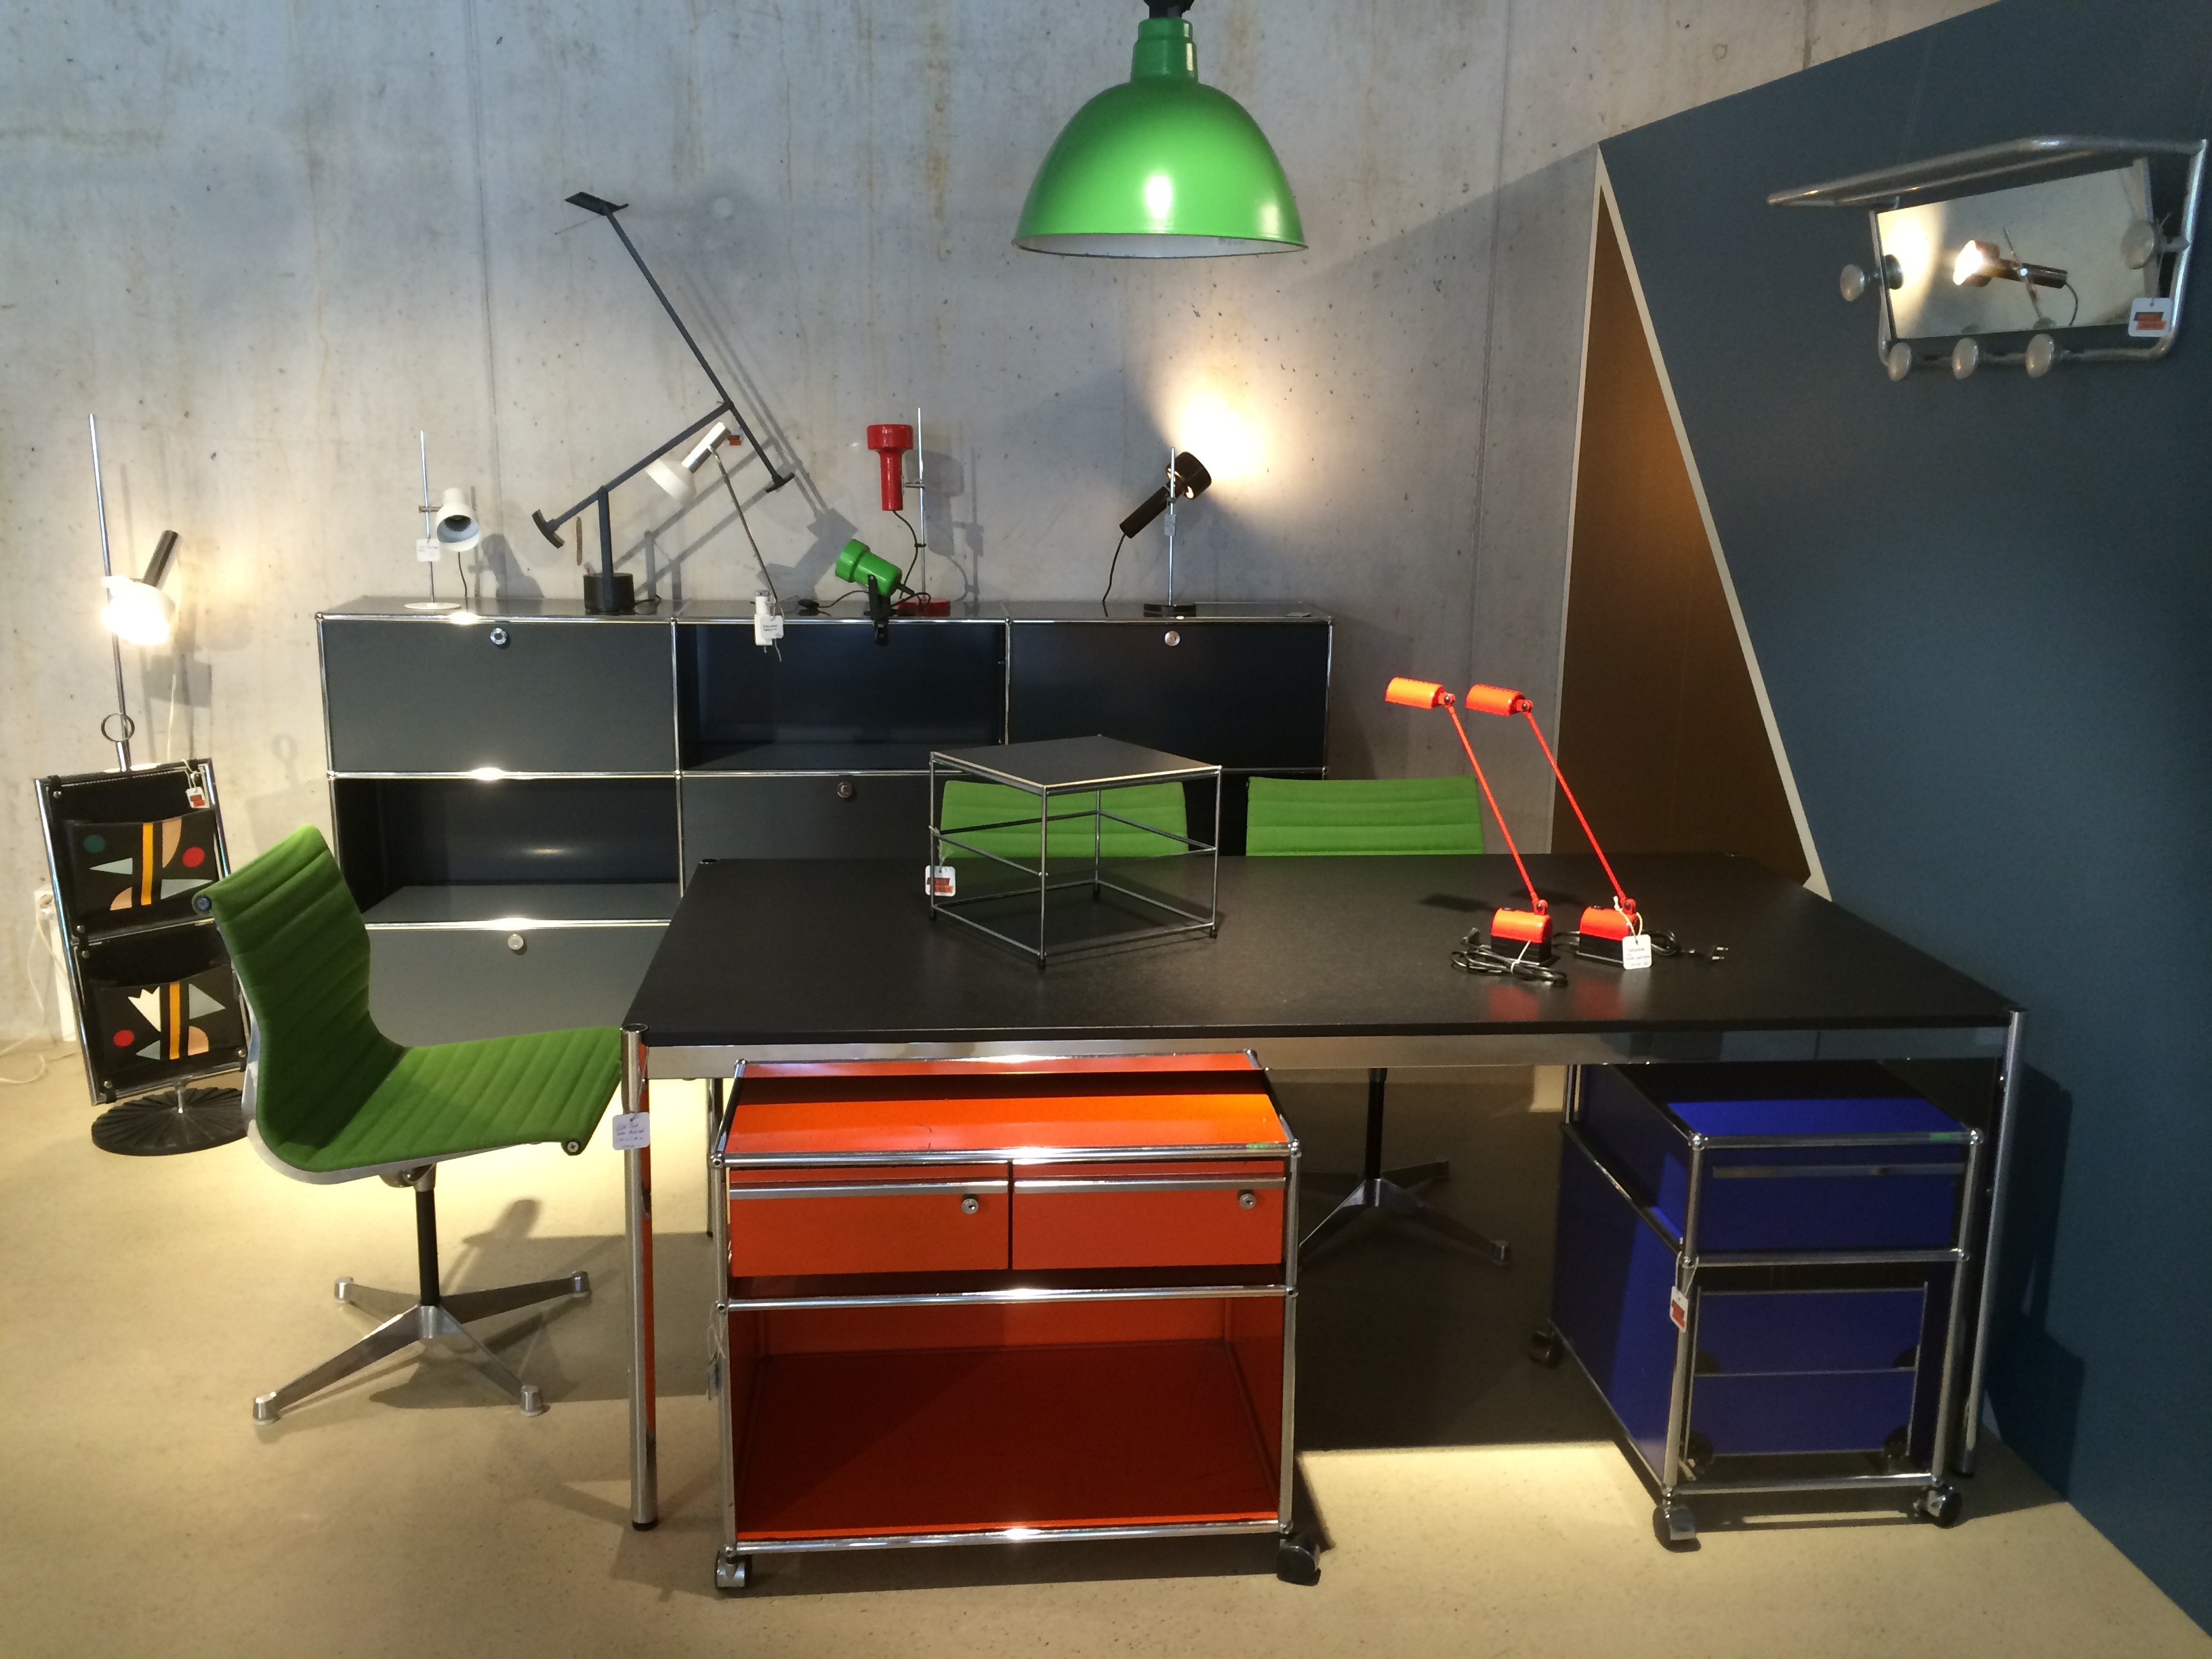 Vintage Design Möbel Neues Leben Eingehaucht Second Hand Möbel In